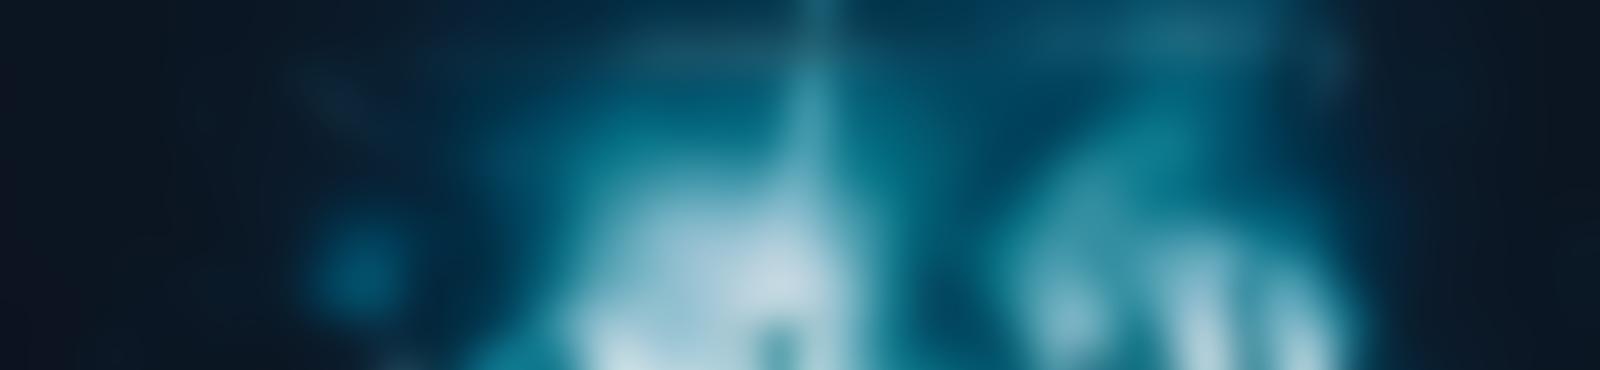 Blurred f58fff68 0911 41d2 9d54 edc1b4c9f142